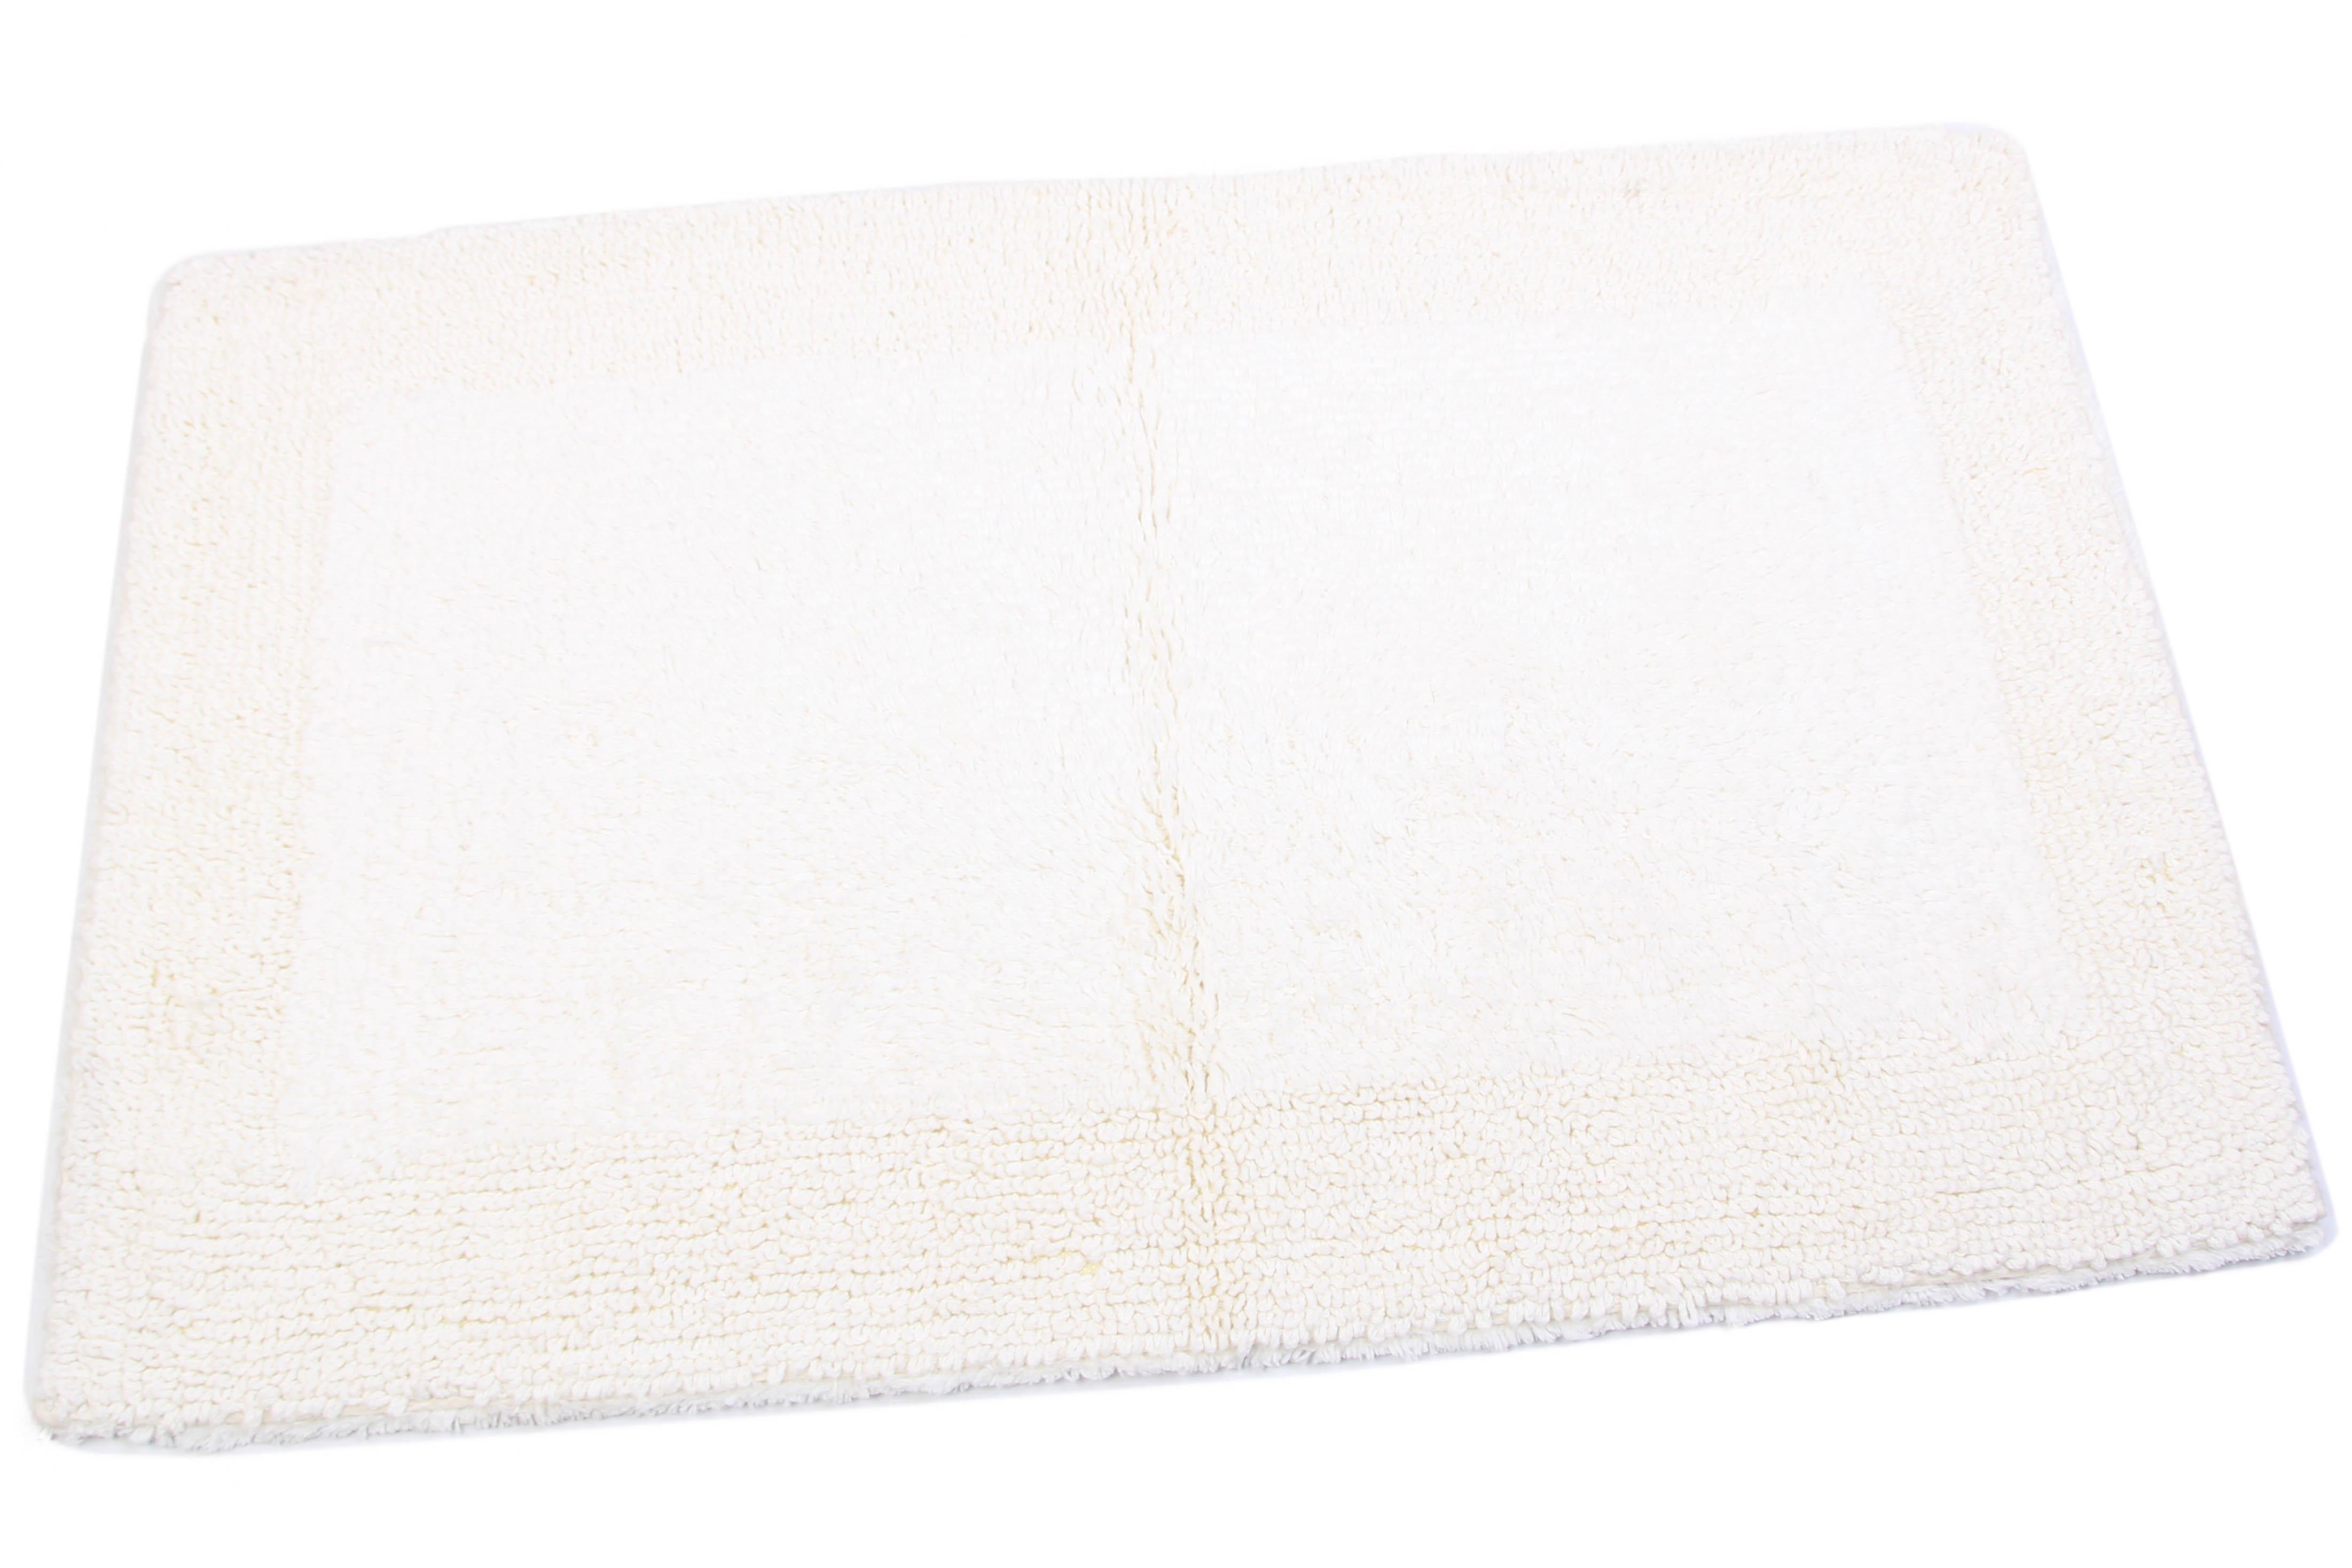 Аксессуары для ванной и туалета Ганг Коврик для ванной Gerry  (50х80 см) аксессуары для ванной и туалета white clean коврик для ванной leticia 50х80 см